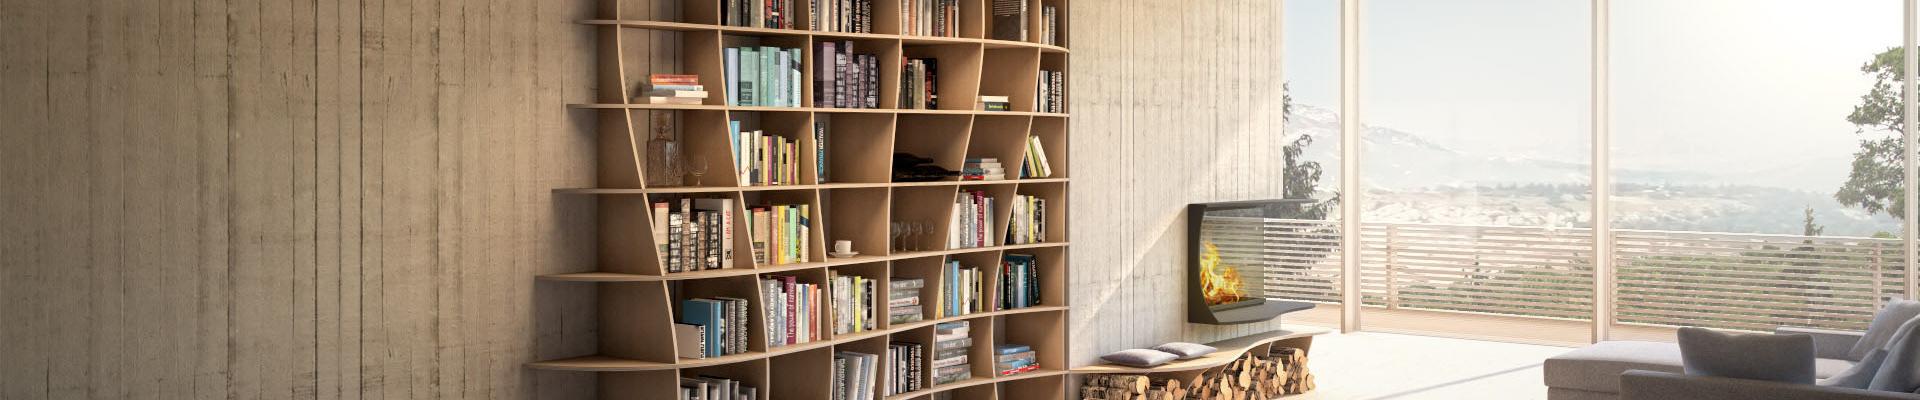 Möbelbau In Berlin Handwerkskunst Vom Tischler